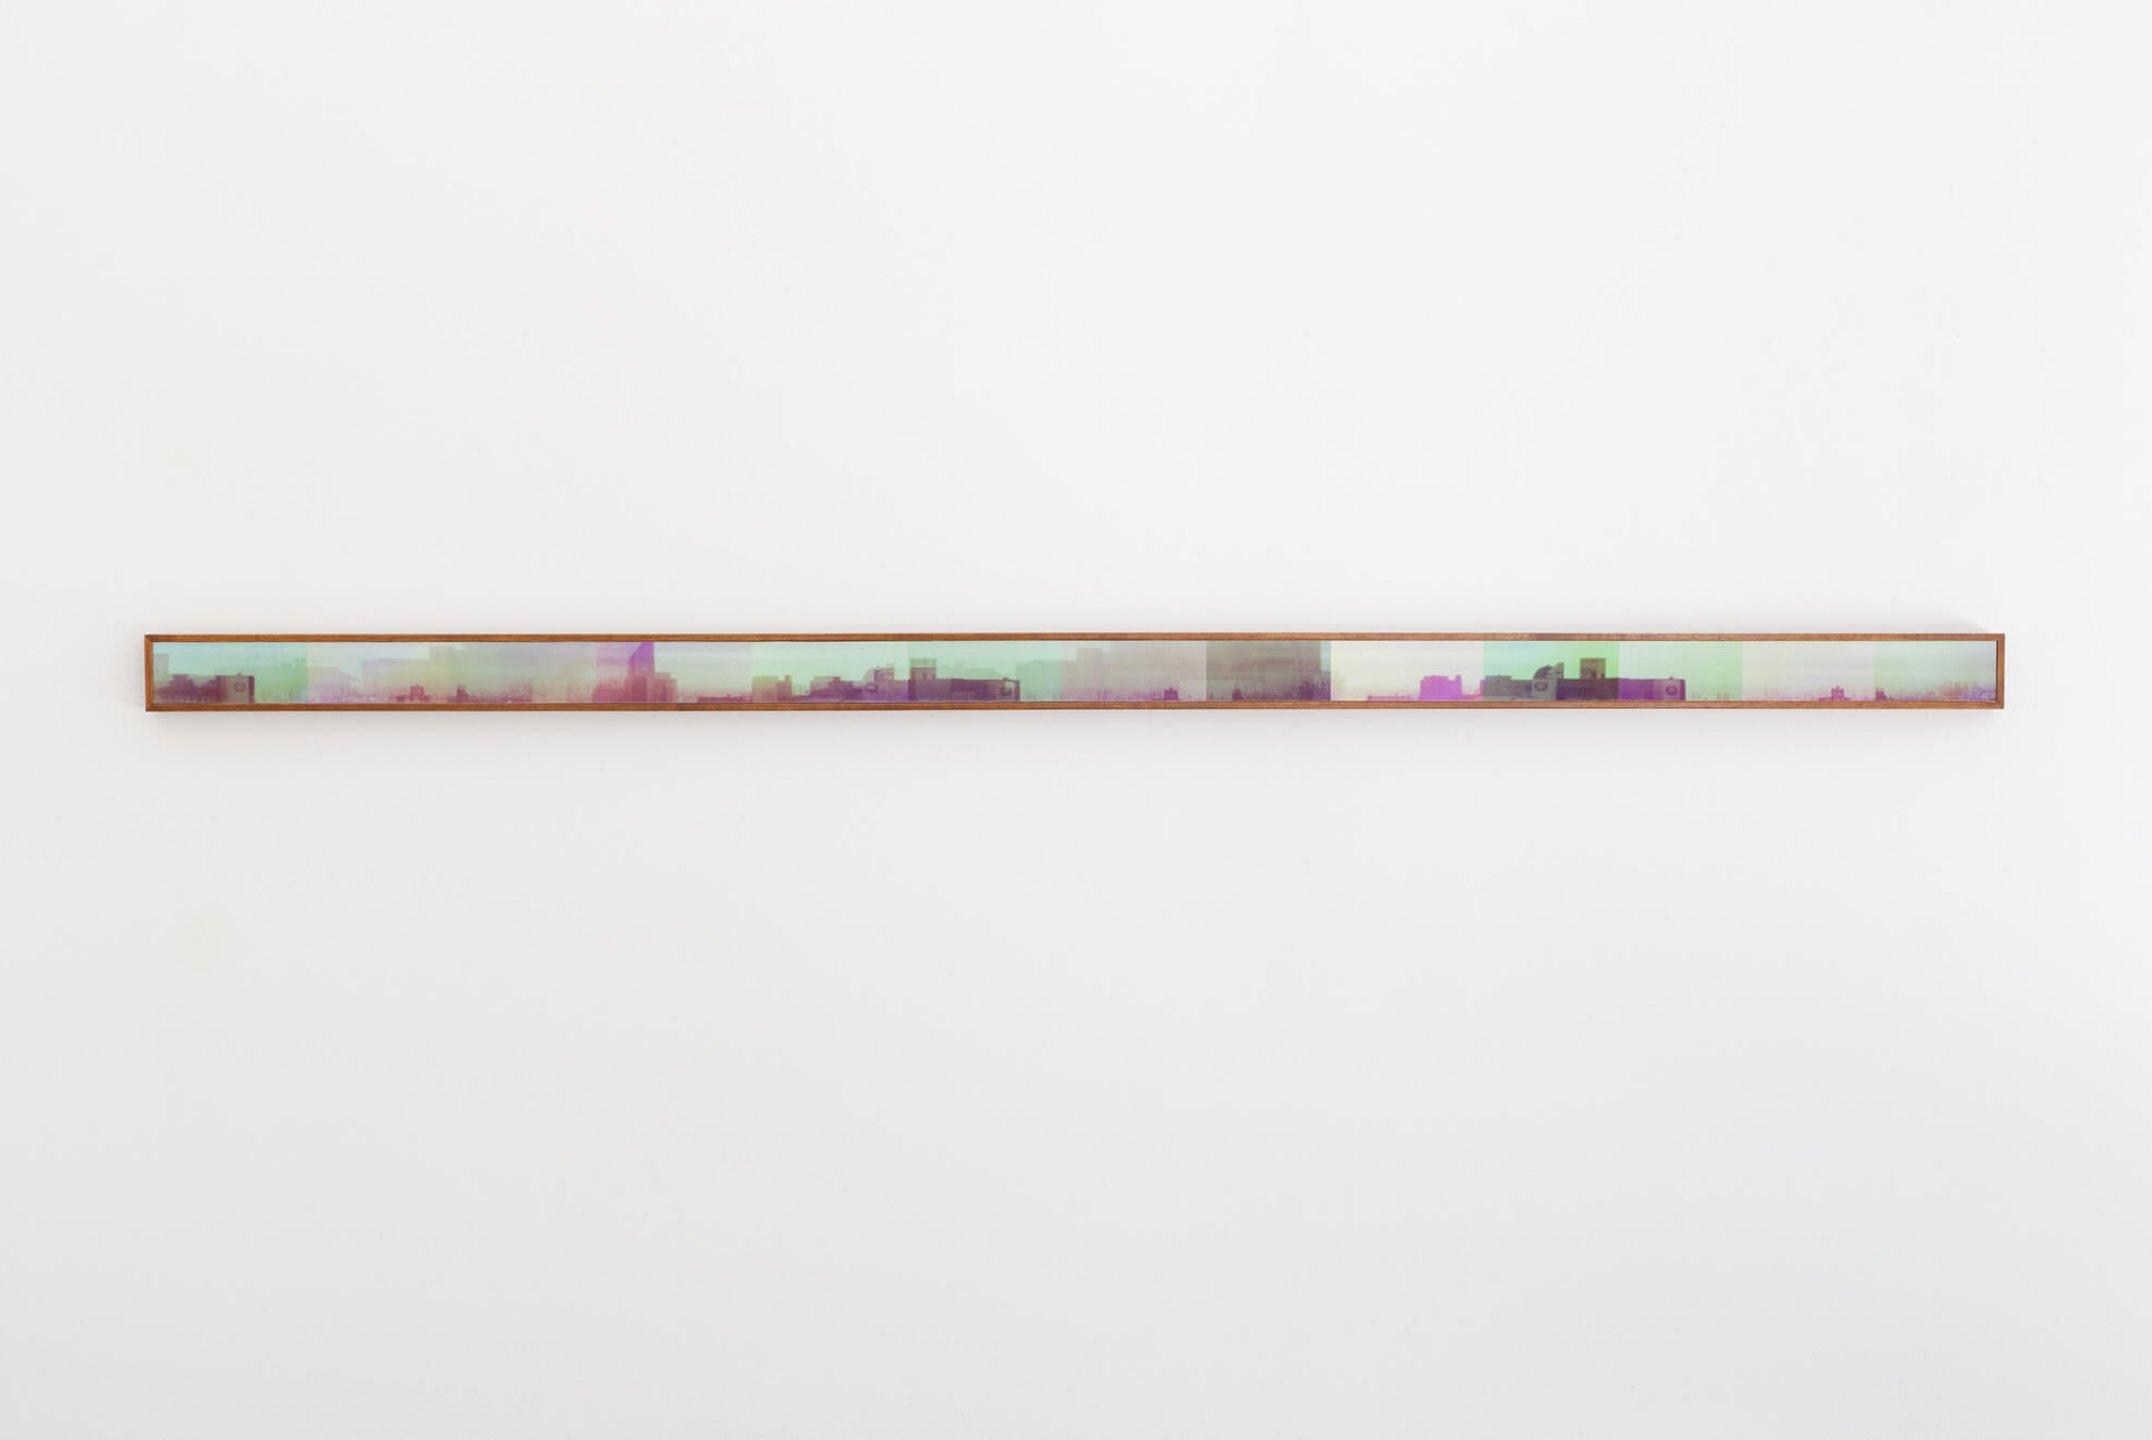 Leticia Ramos,<em>Panorâmica</em>, 2009, photograph 35mm on coton paper, 6,7 × 200 cm - Mendes Wood DM